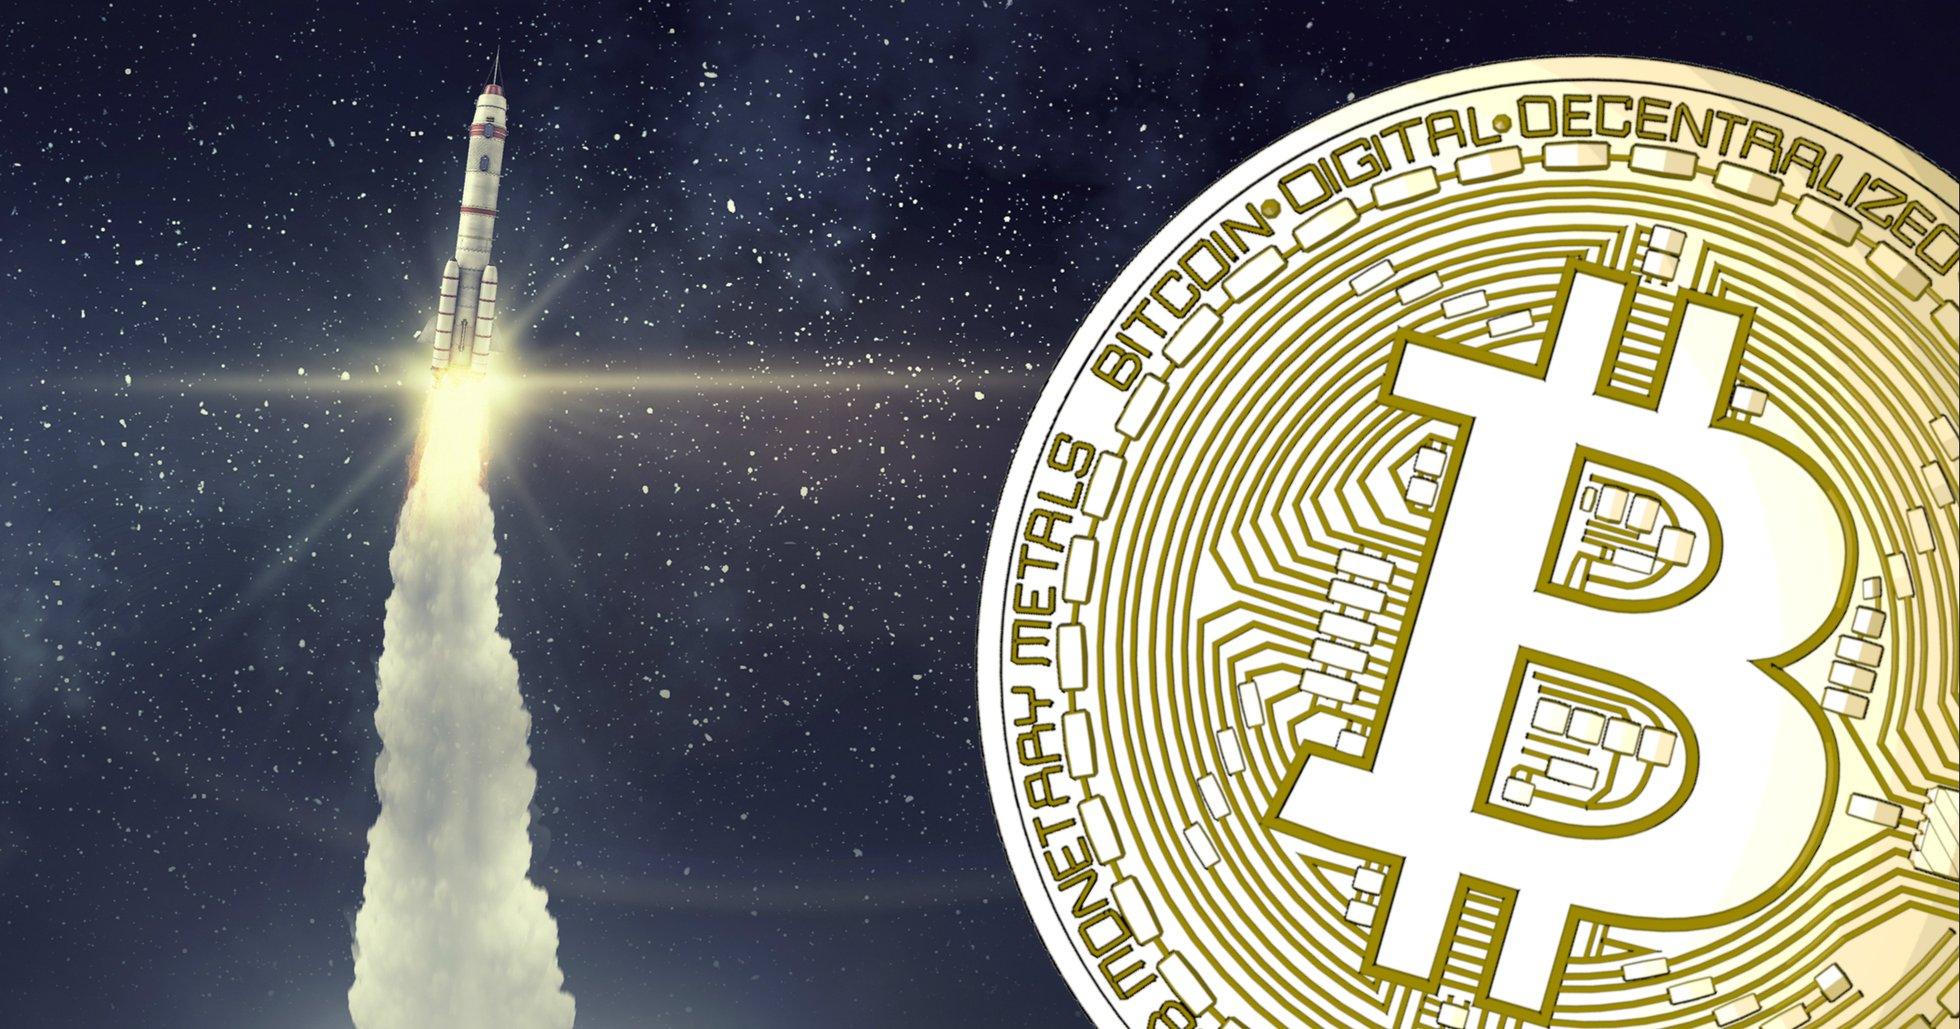 Bitcoinplånbok har skjutits upp i rymden – ska göra transaktioner säkrare för större kunder